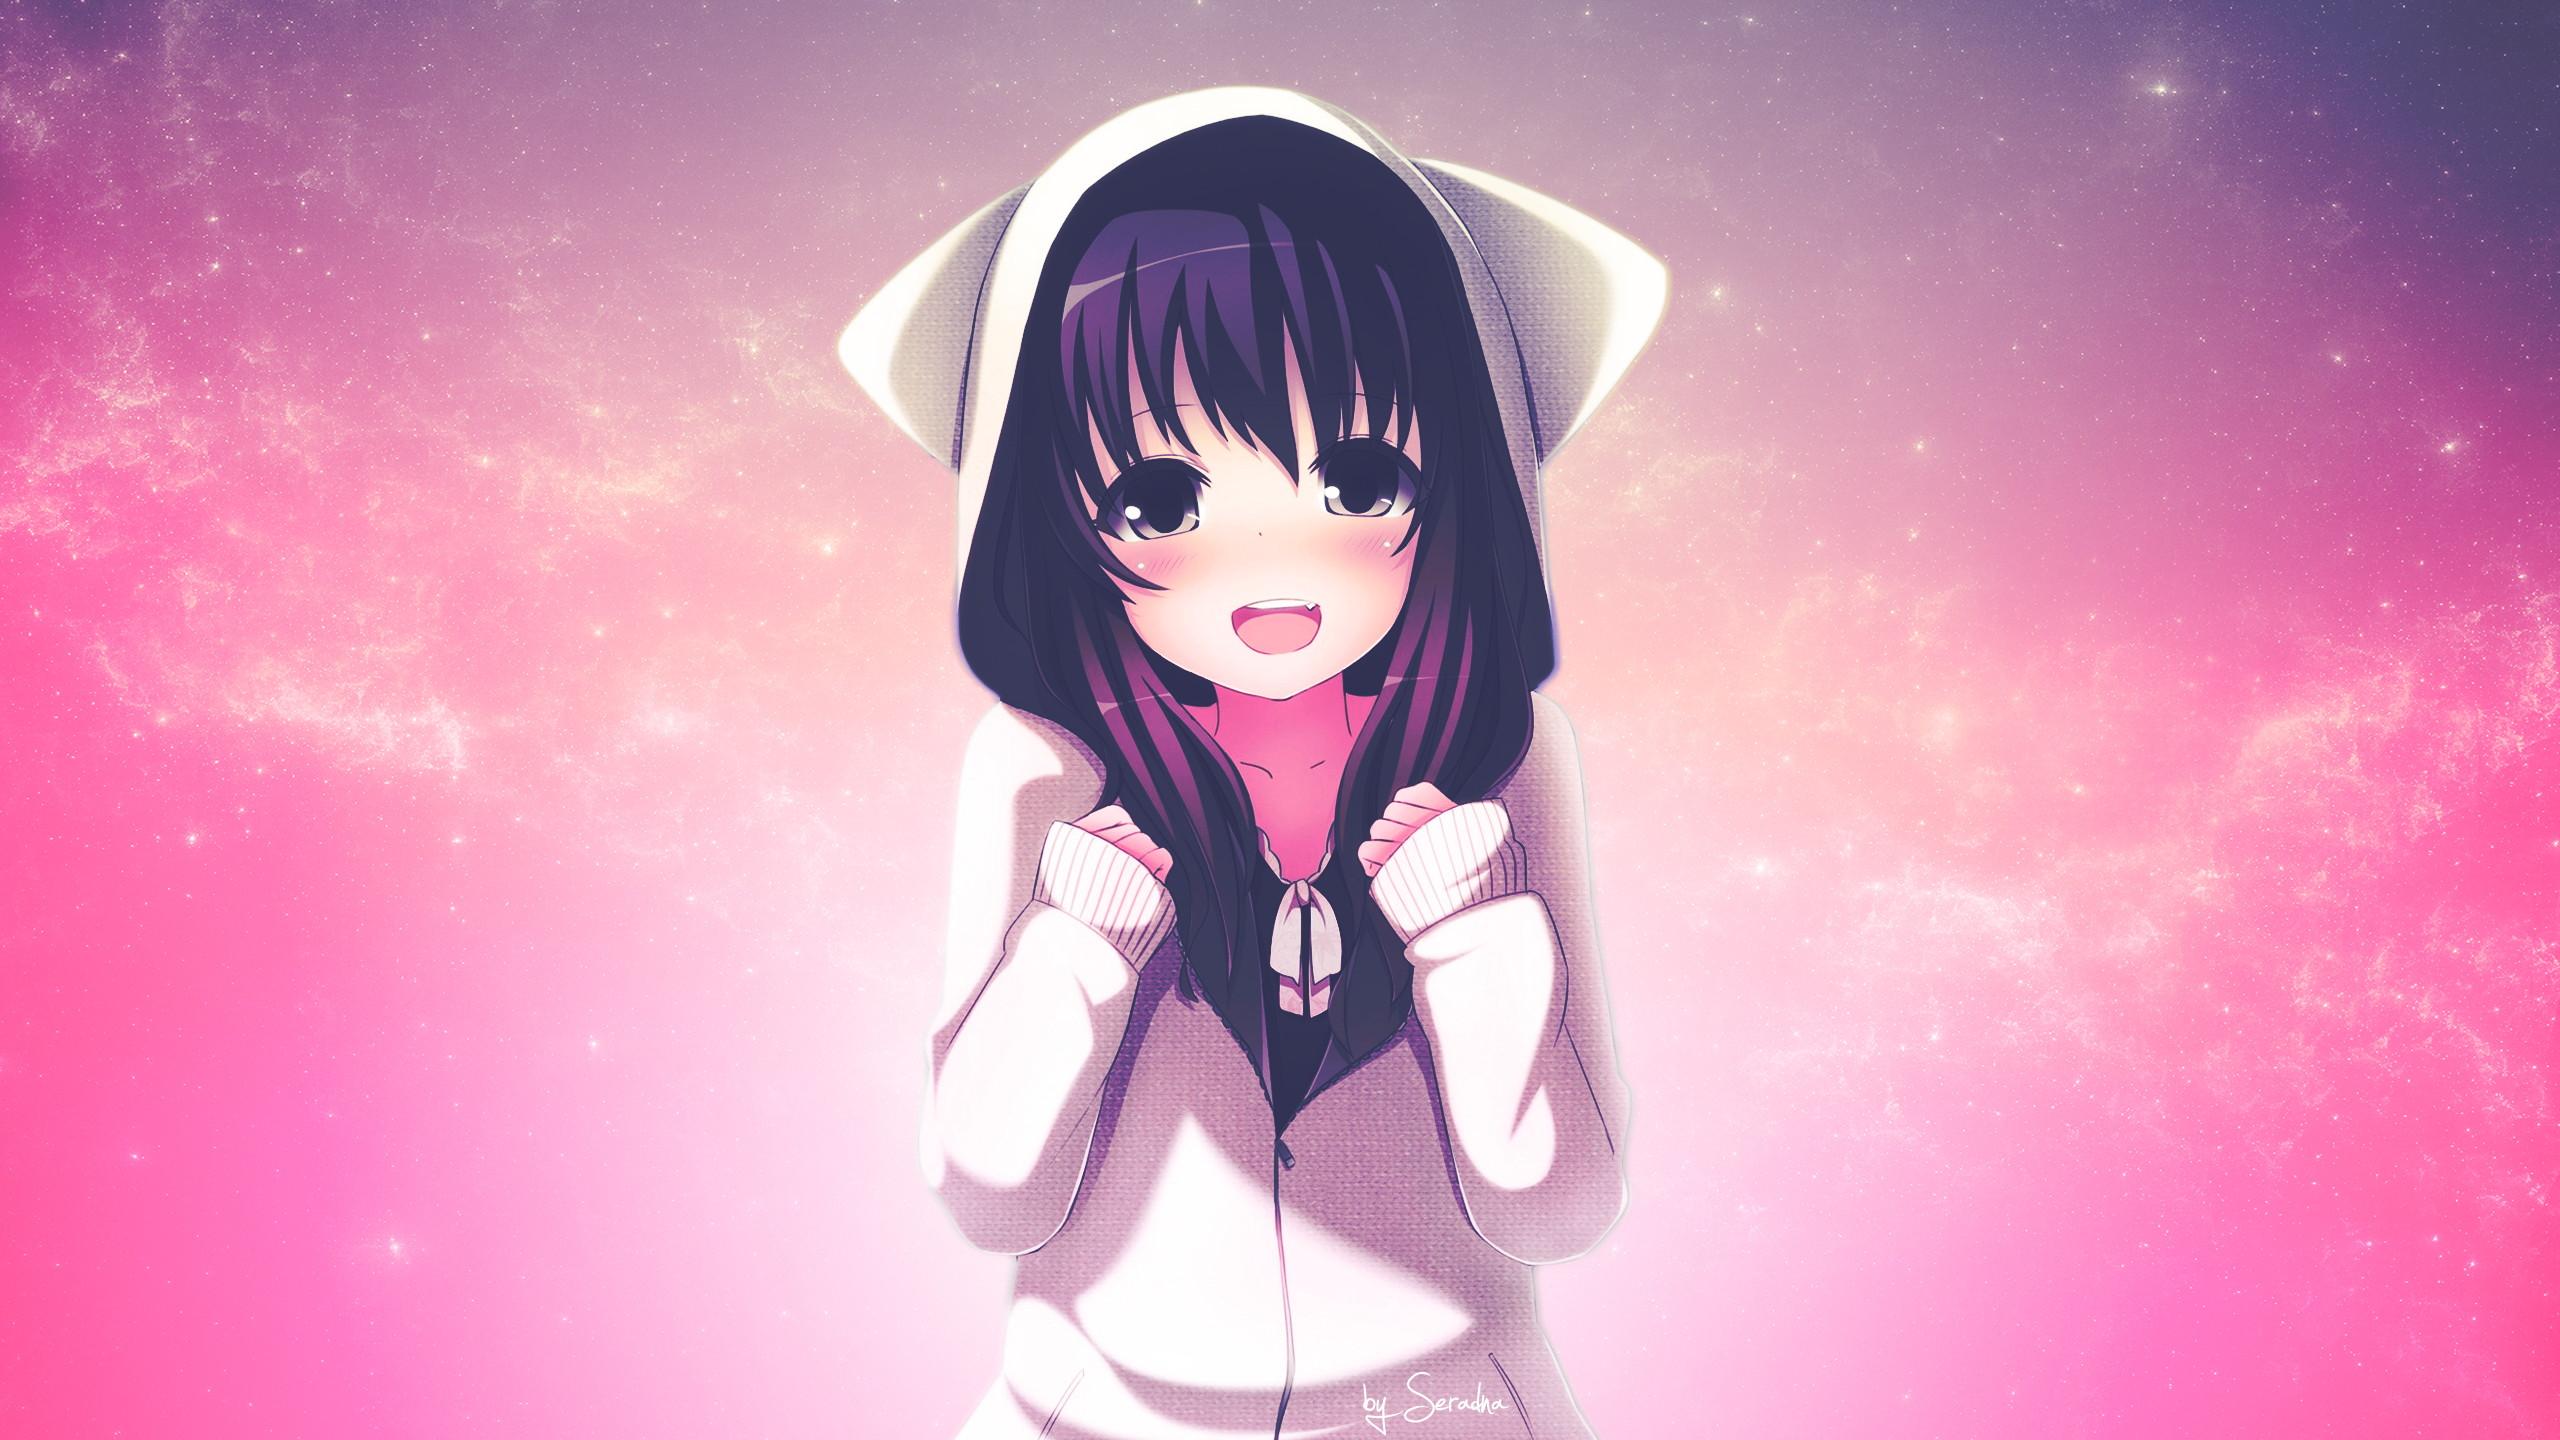 Bộ sưu tập hình nền Anime girl xinh đẹp hút hồn với những cô nàng xinh xắn, nóng bỏng.